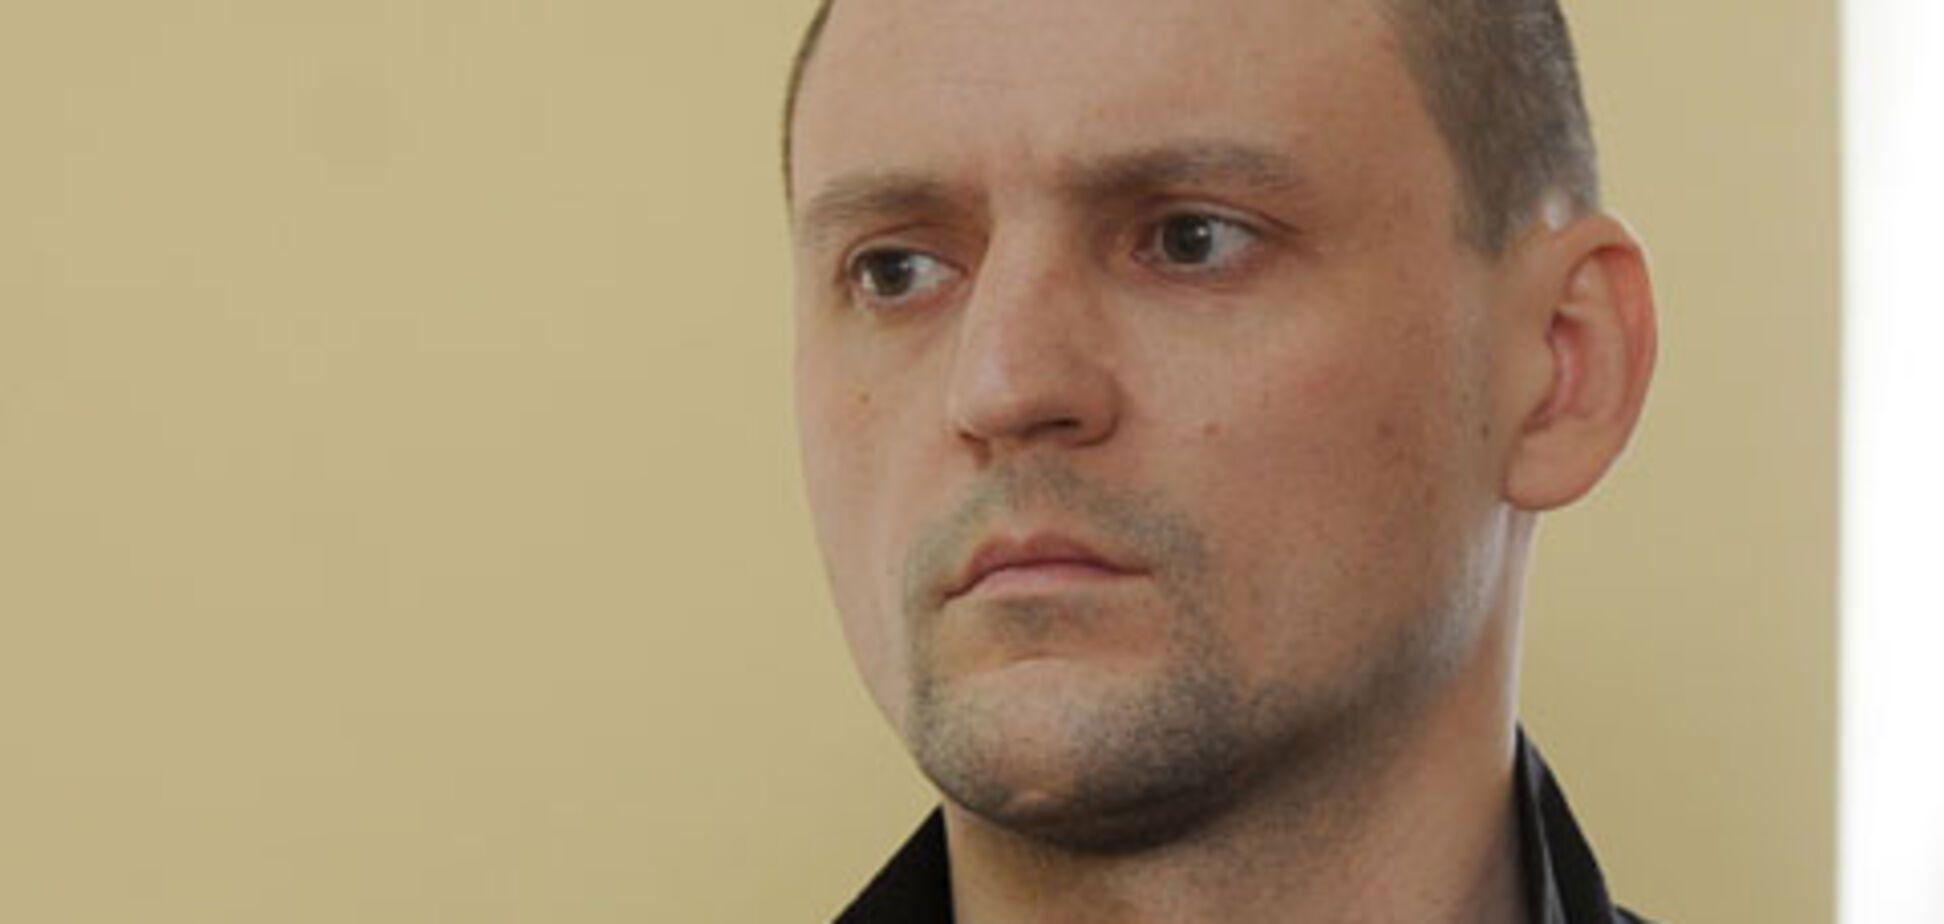 Не Лавров: освободившийся оппозиционер назвал имя 'троянской лошади' в России